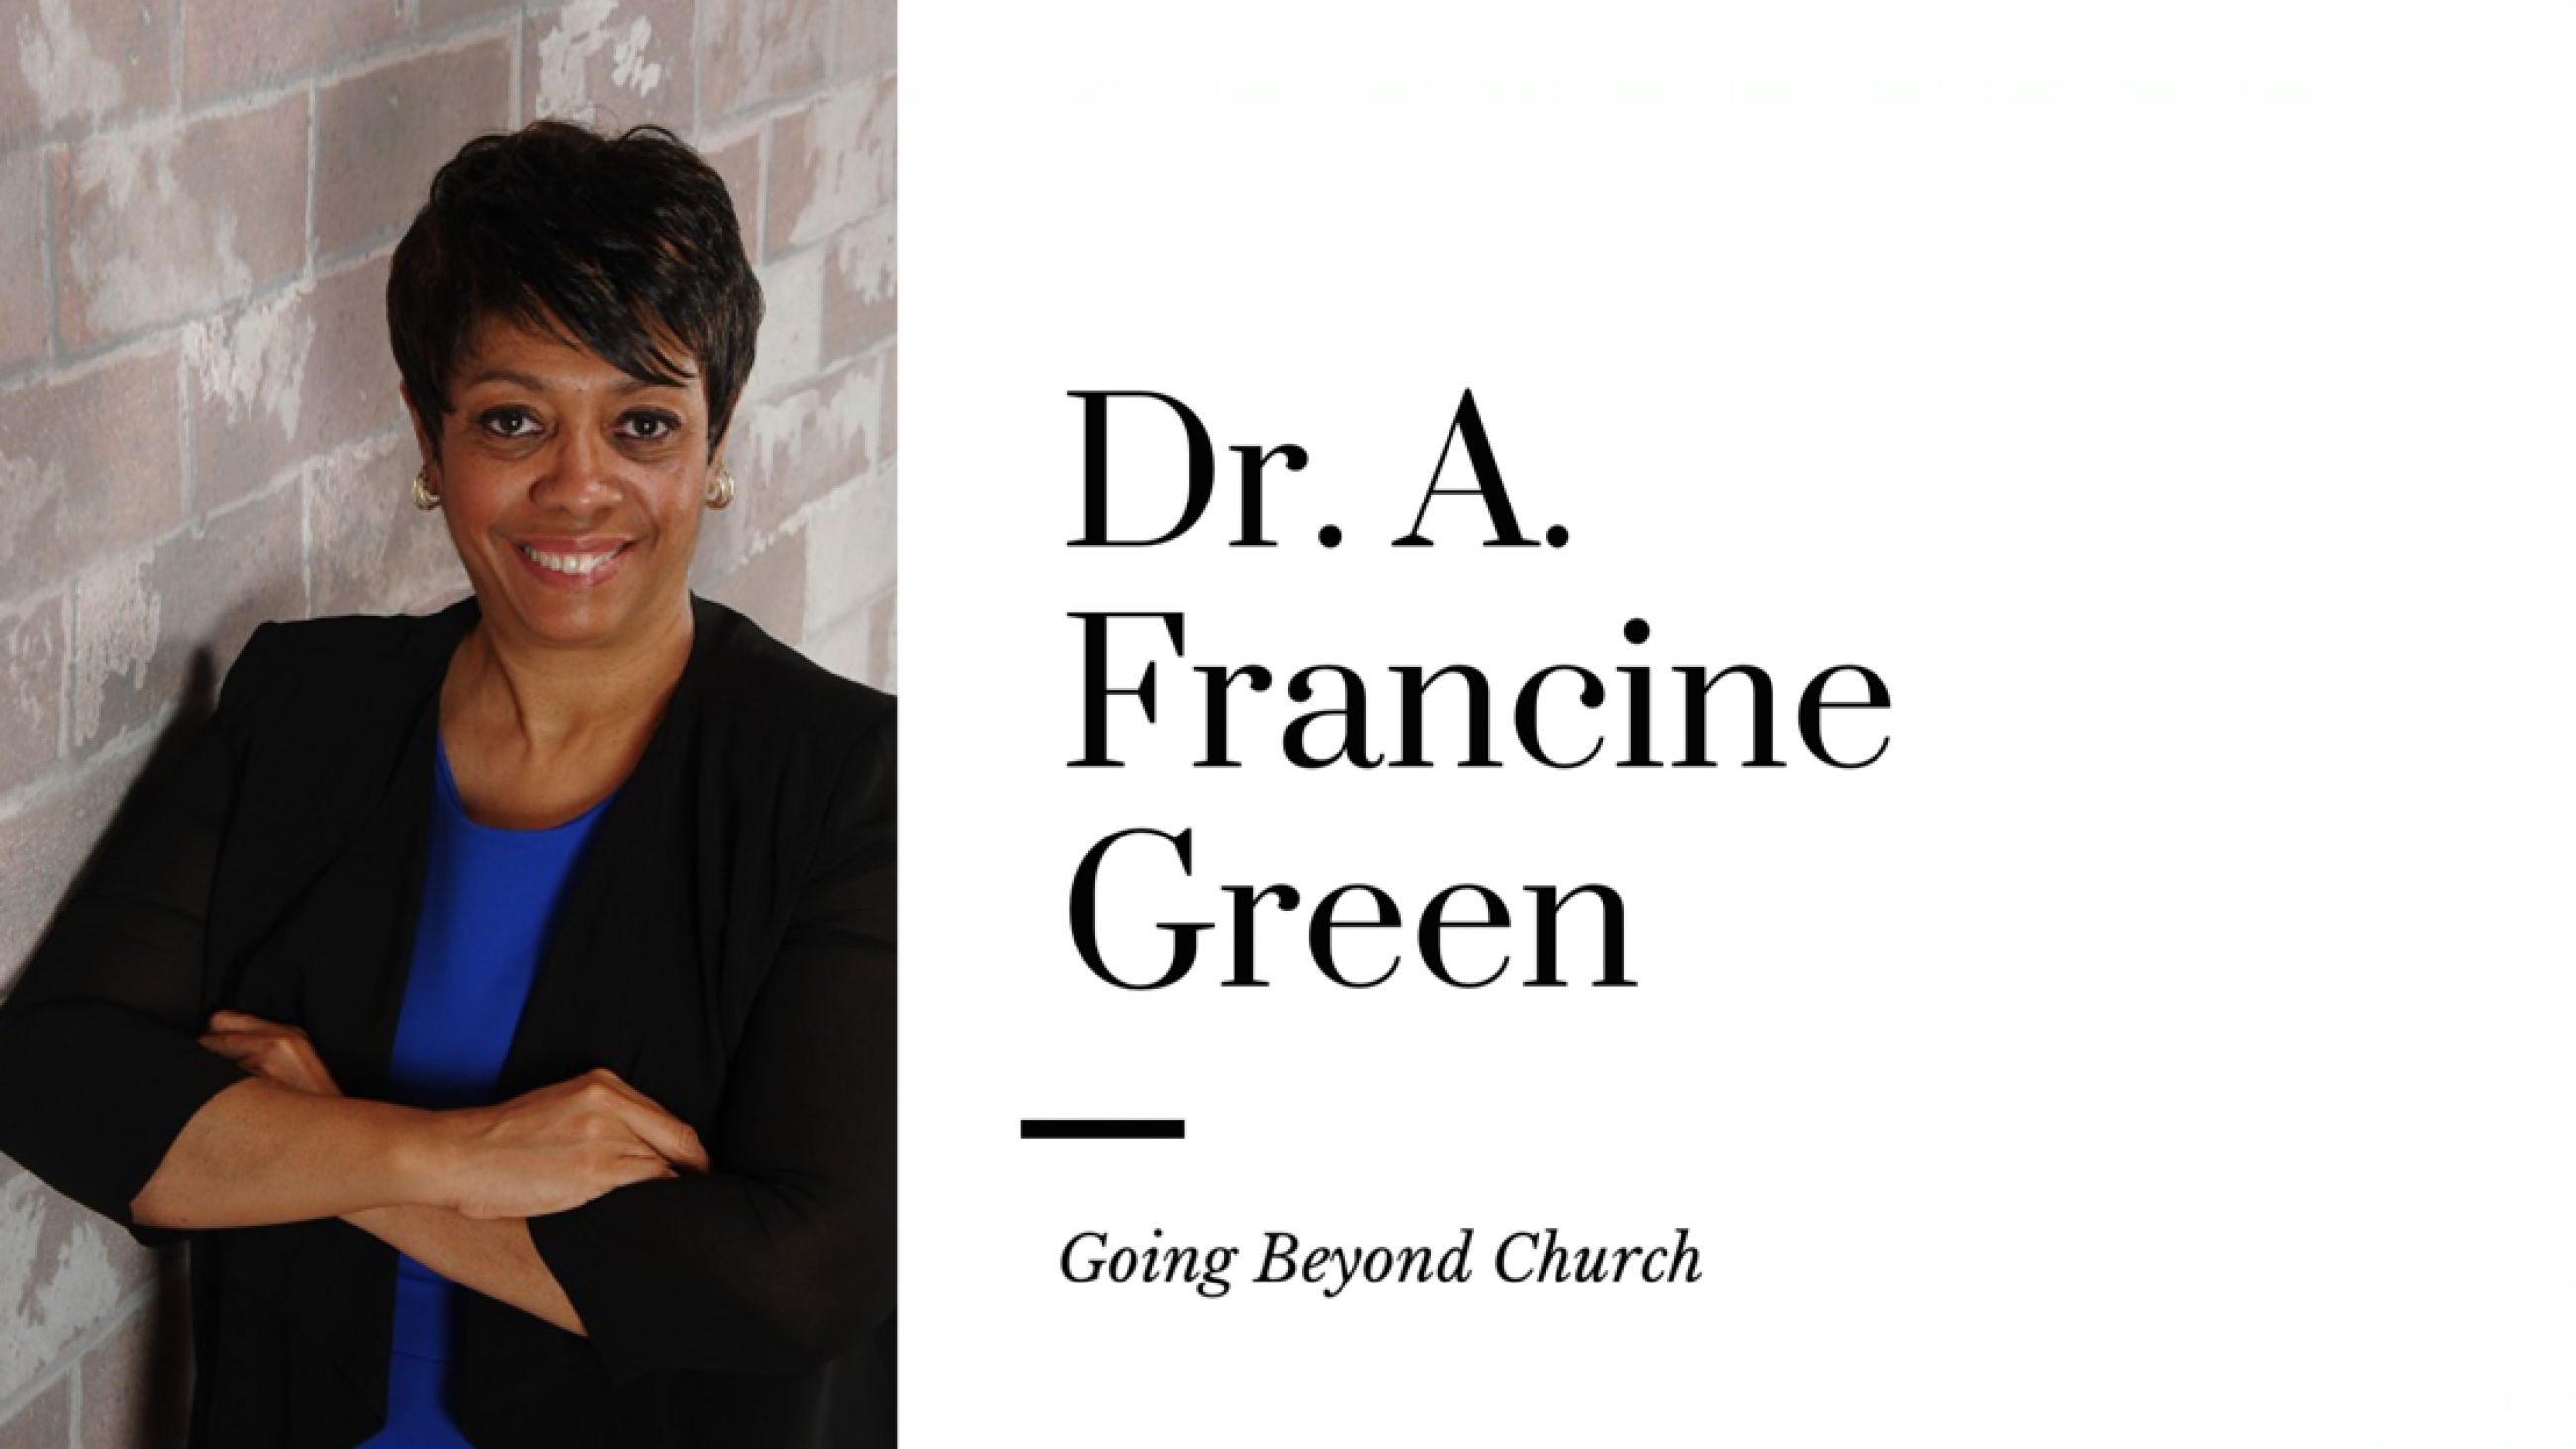 Dr. A. Francine Green